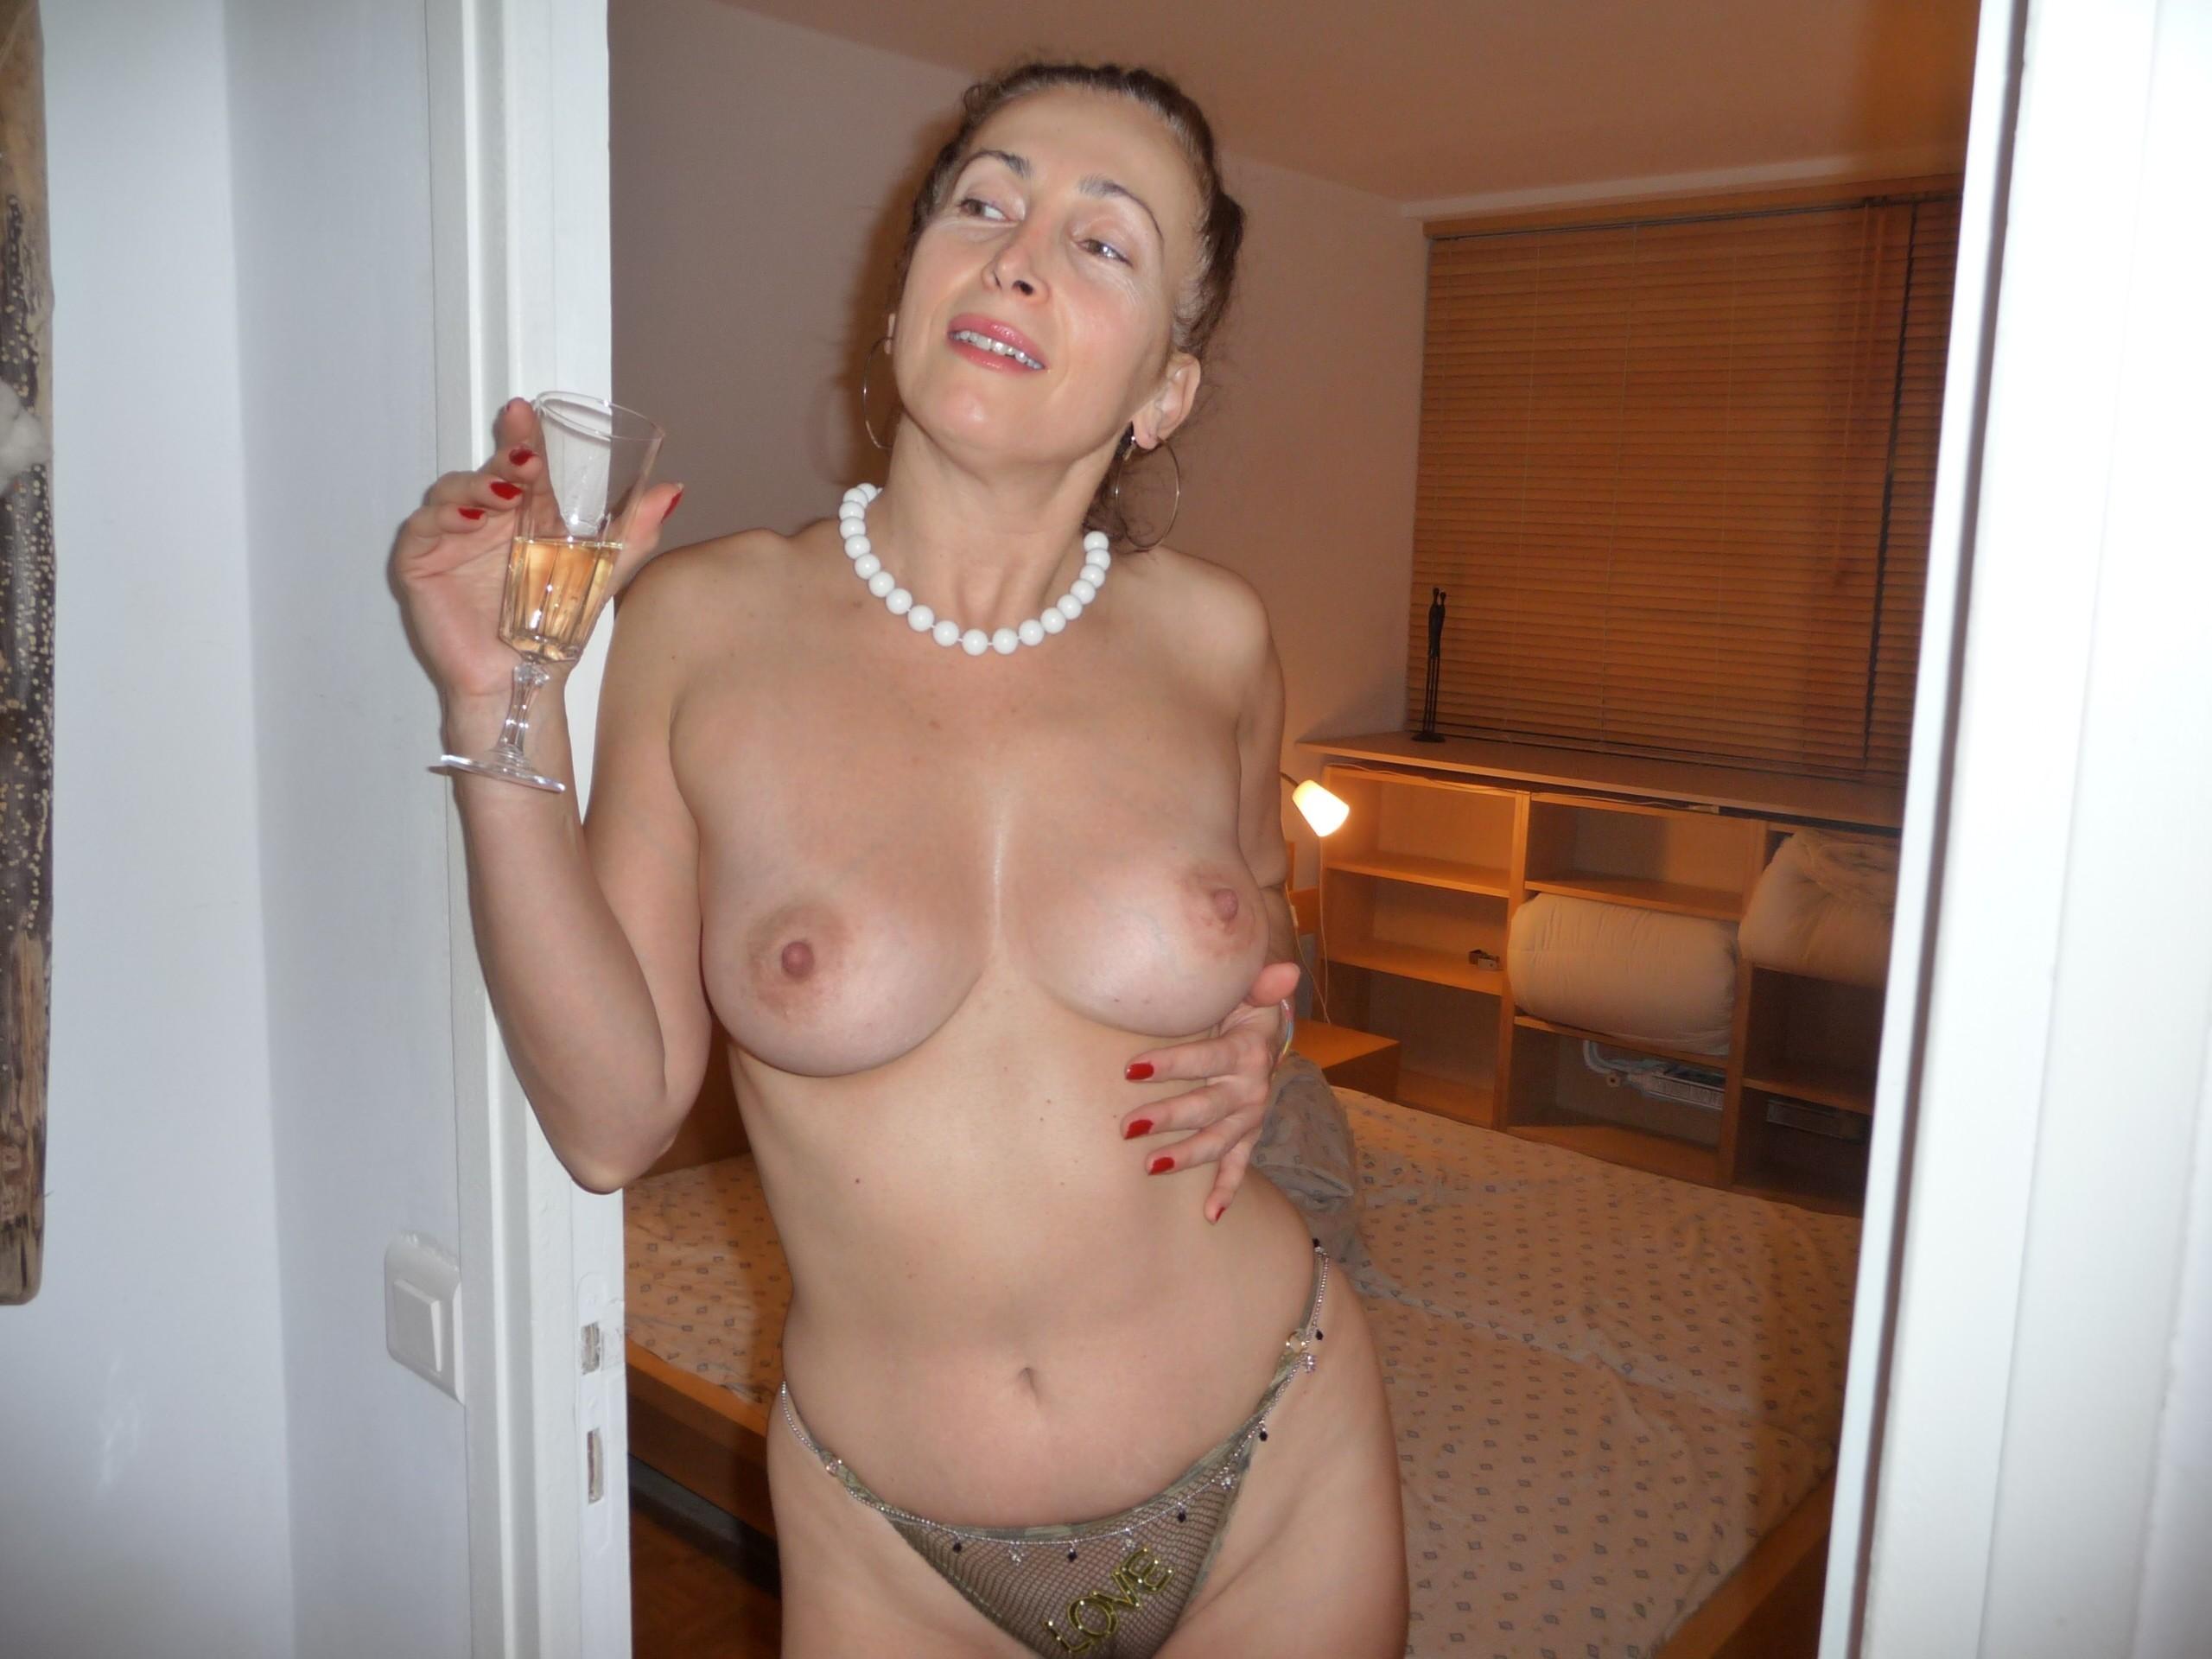 фото обнажённых женщин после 40